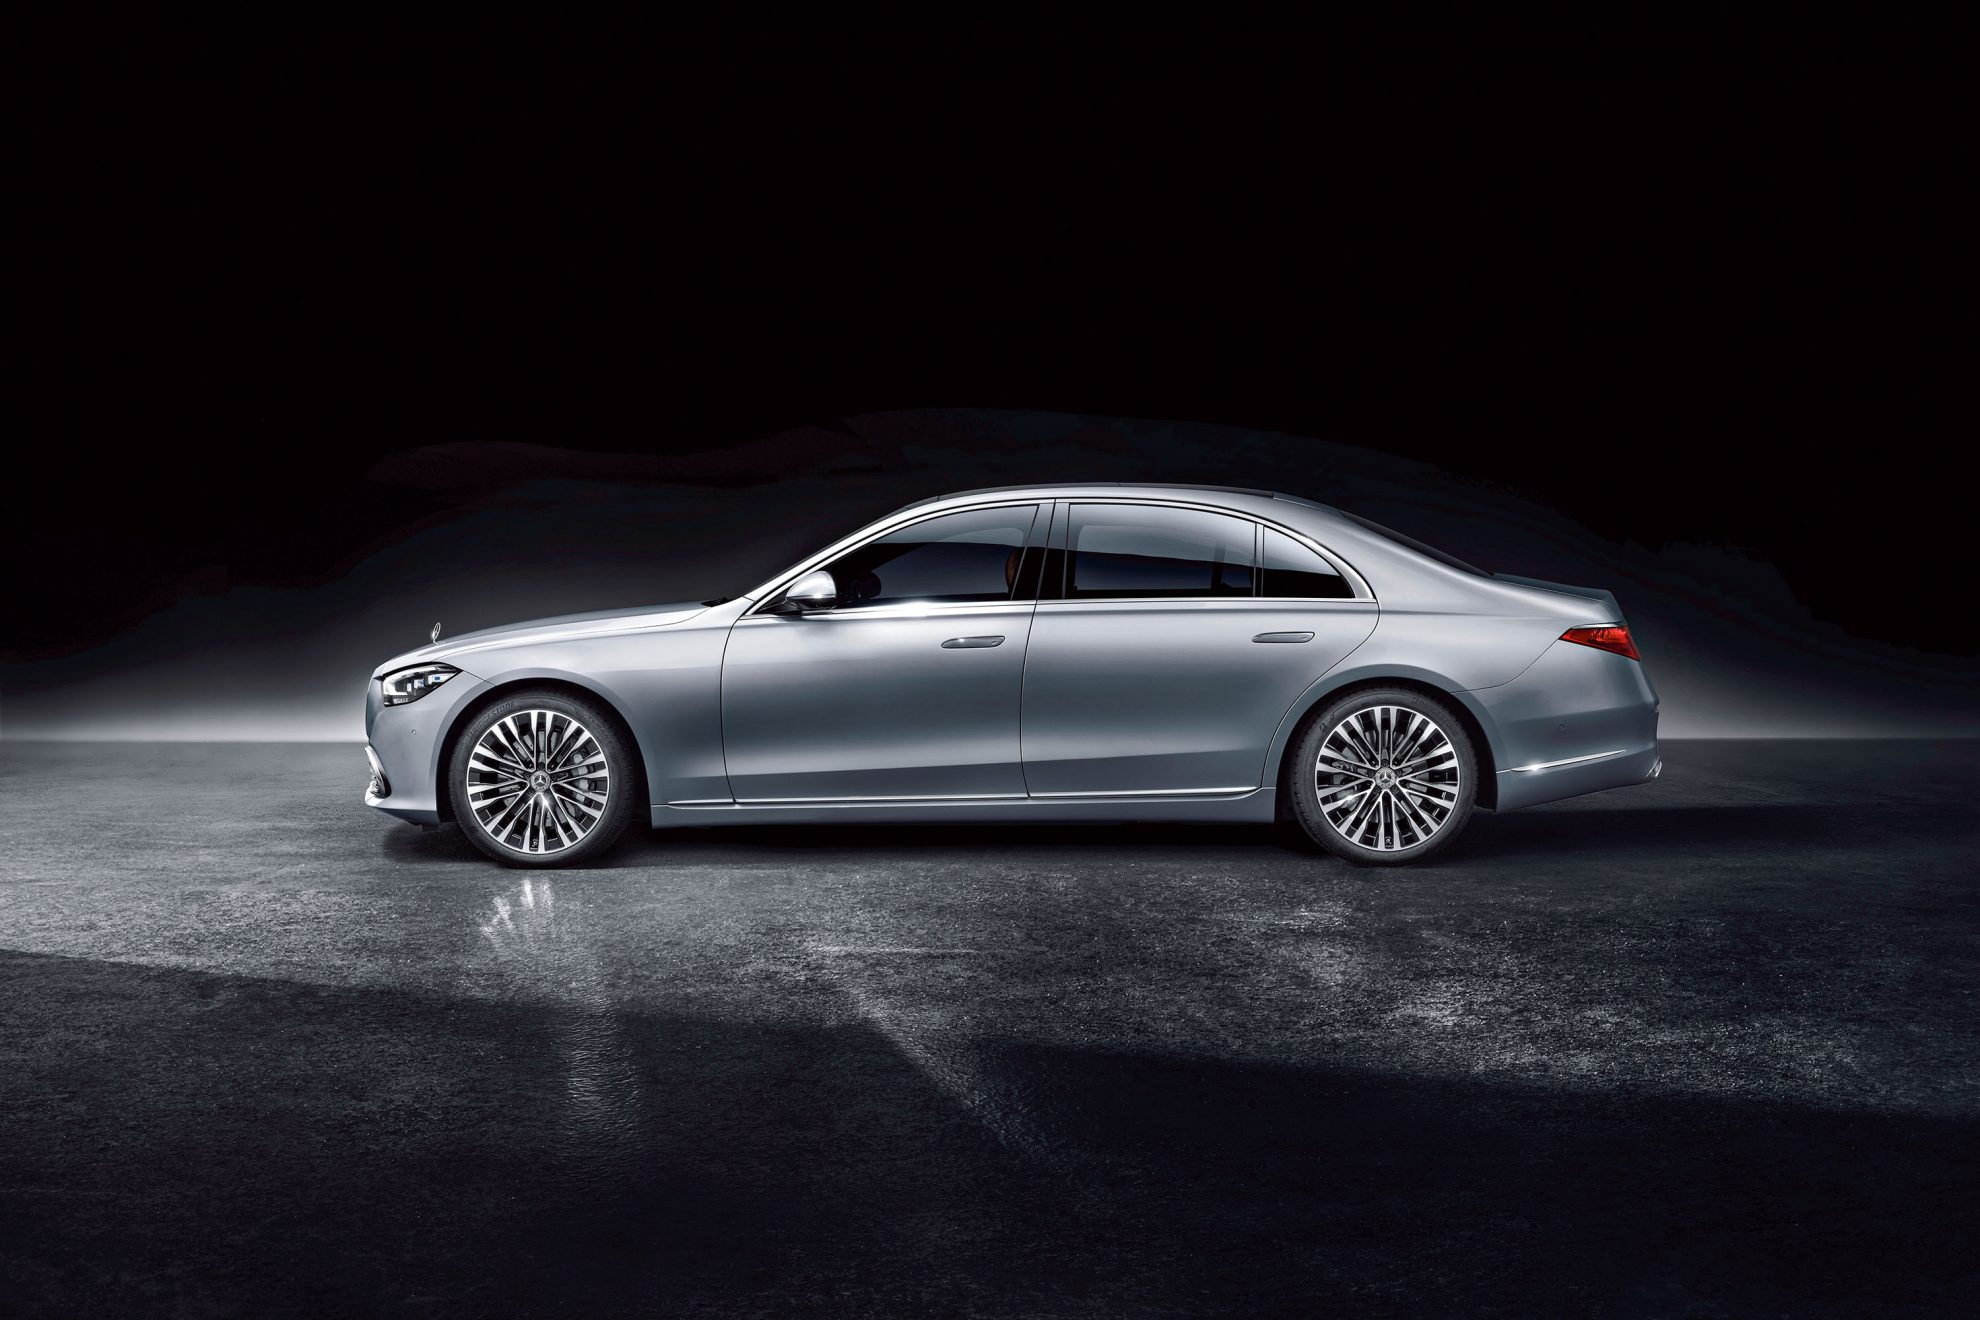 Mercedes-Benz S-Klasse, 2020, Studioaufnahme, Exterieur: Hightechsilber // Mercedes-Benz S-Class, 2020, studio shot, exterior: hightech silver